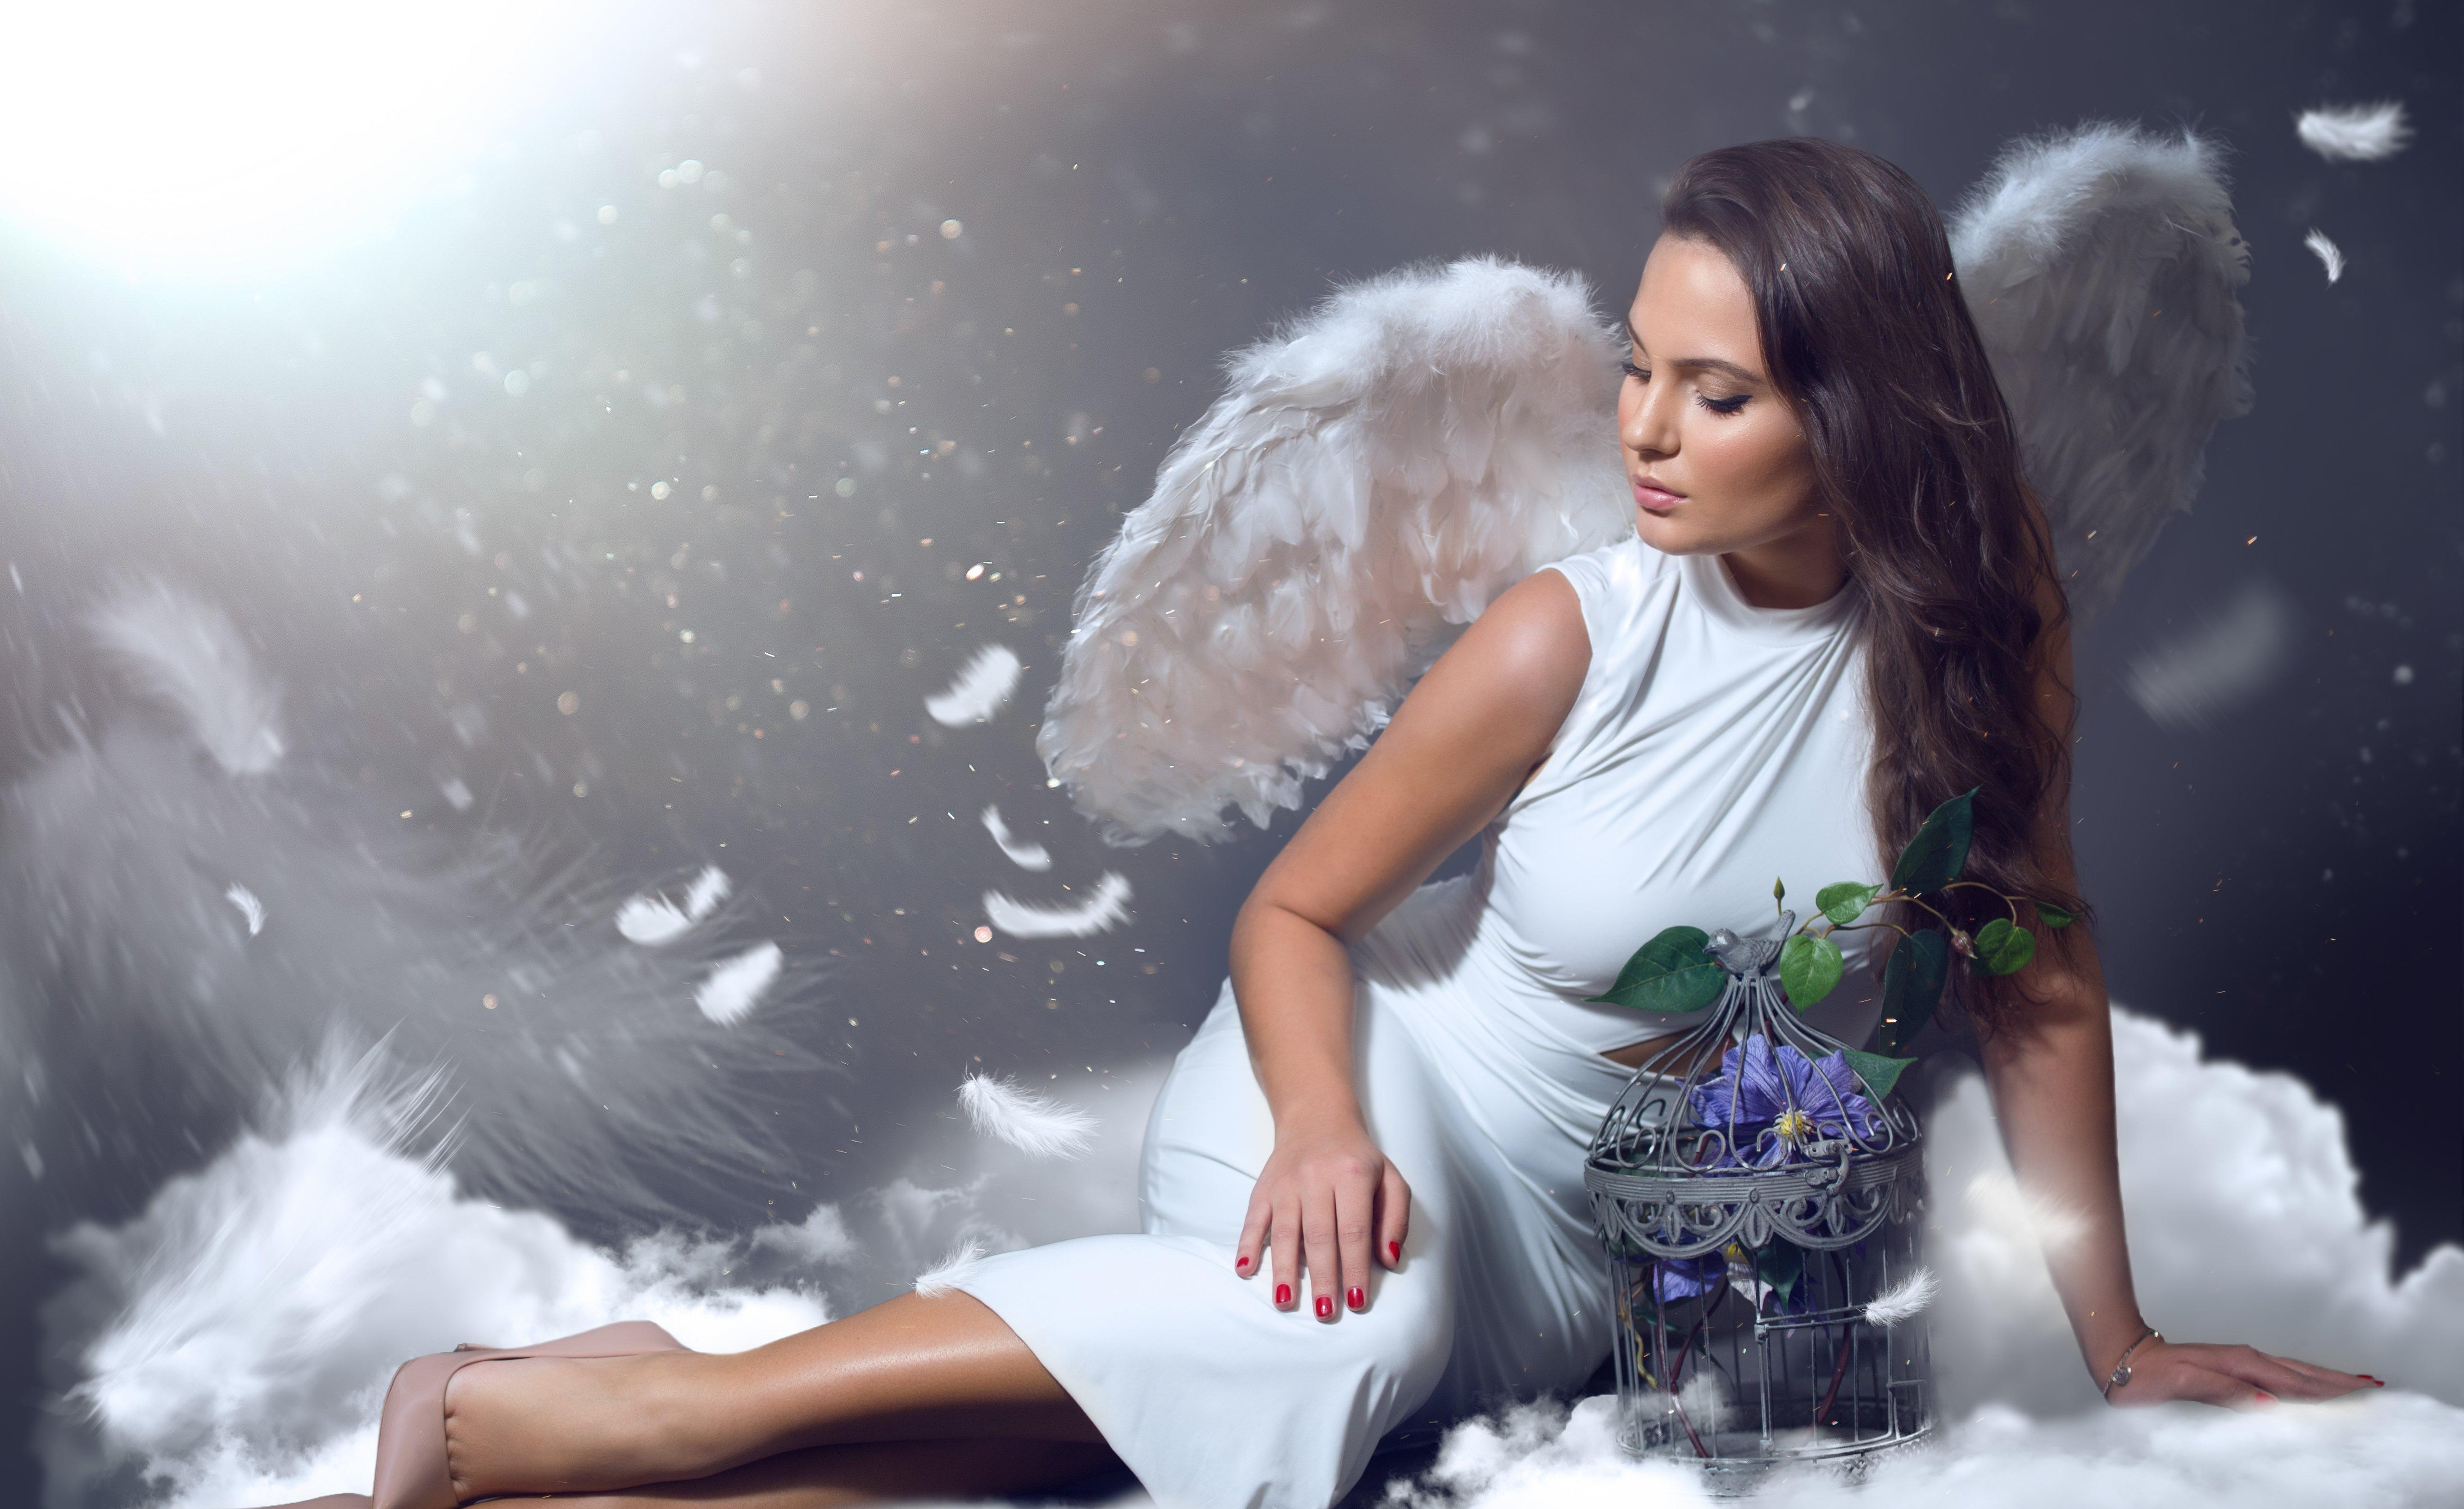 Ангелы красивые картинки и фото